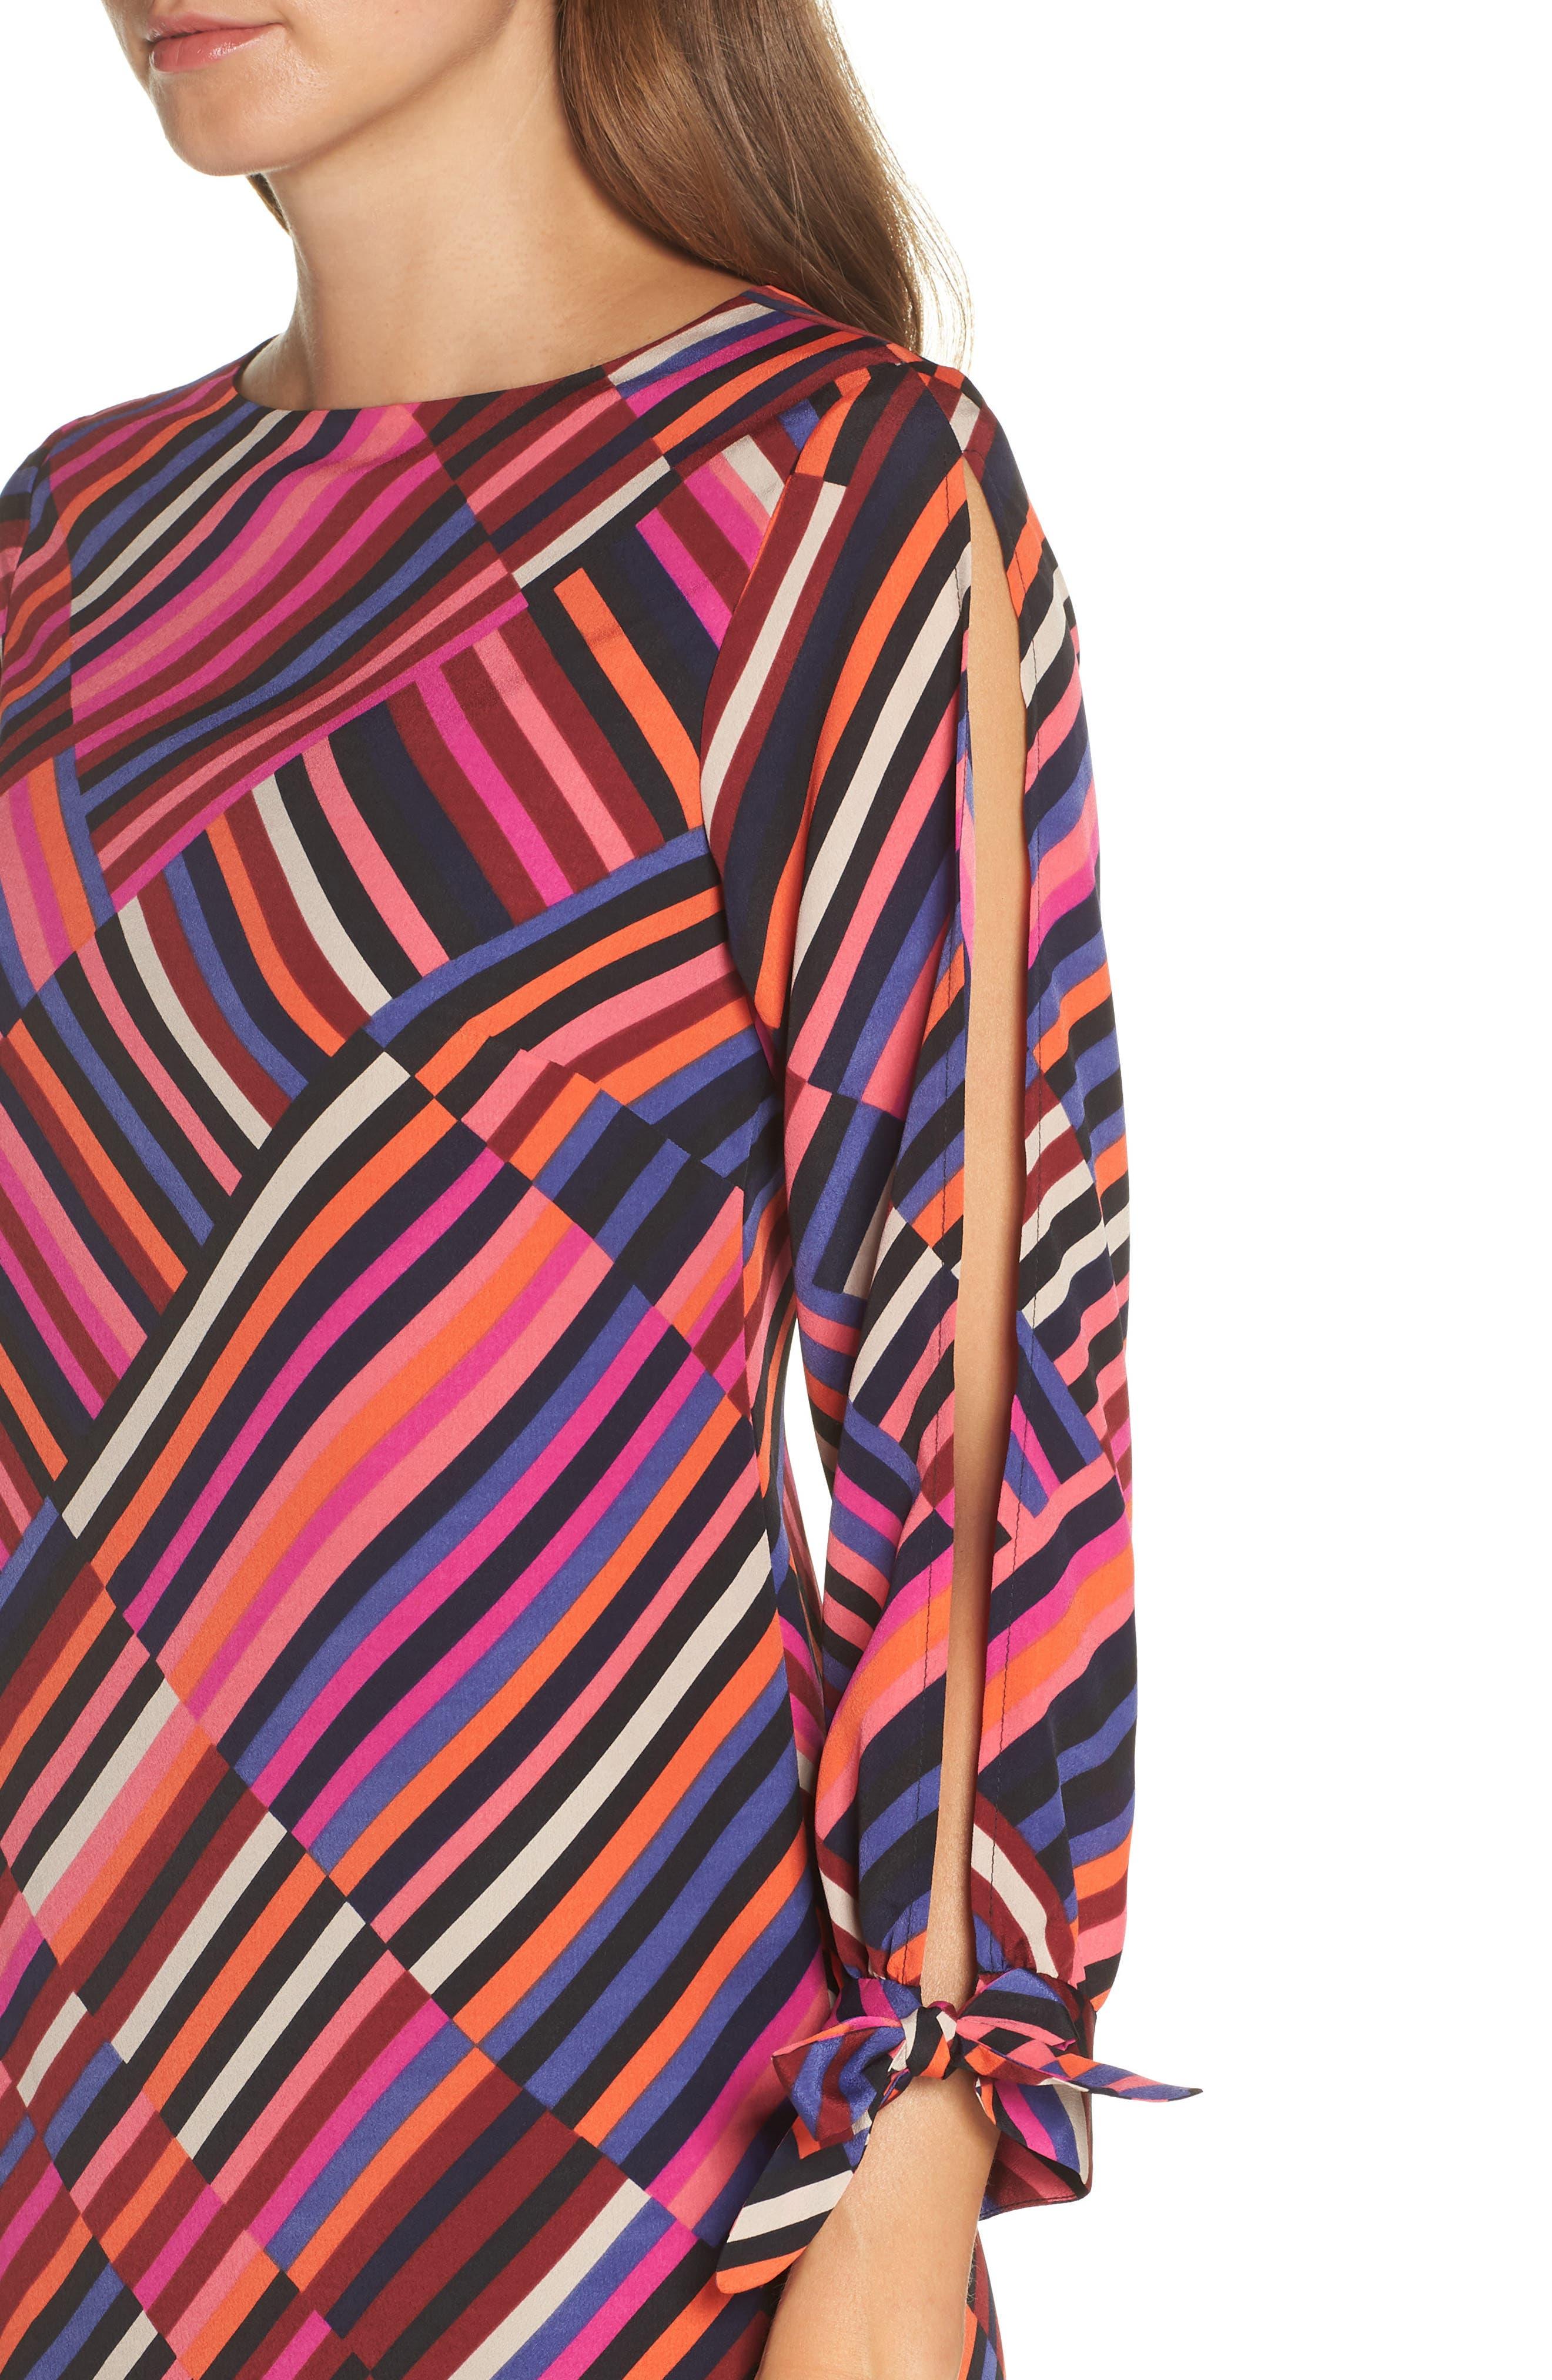 Jaxon Chiffon Dress,                             Alternate thumbnail 4, color,                             MULTI